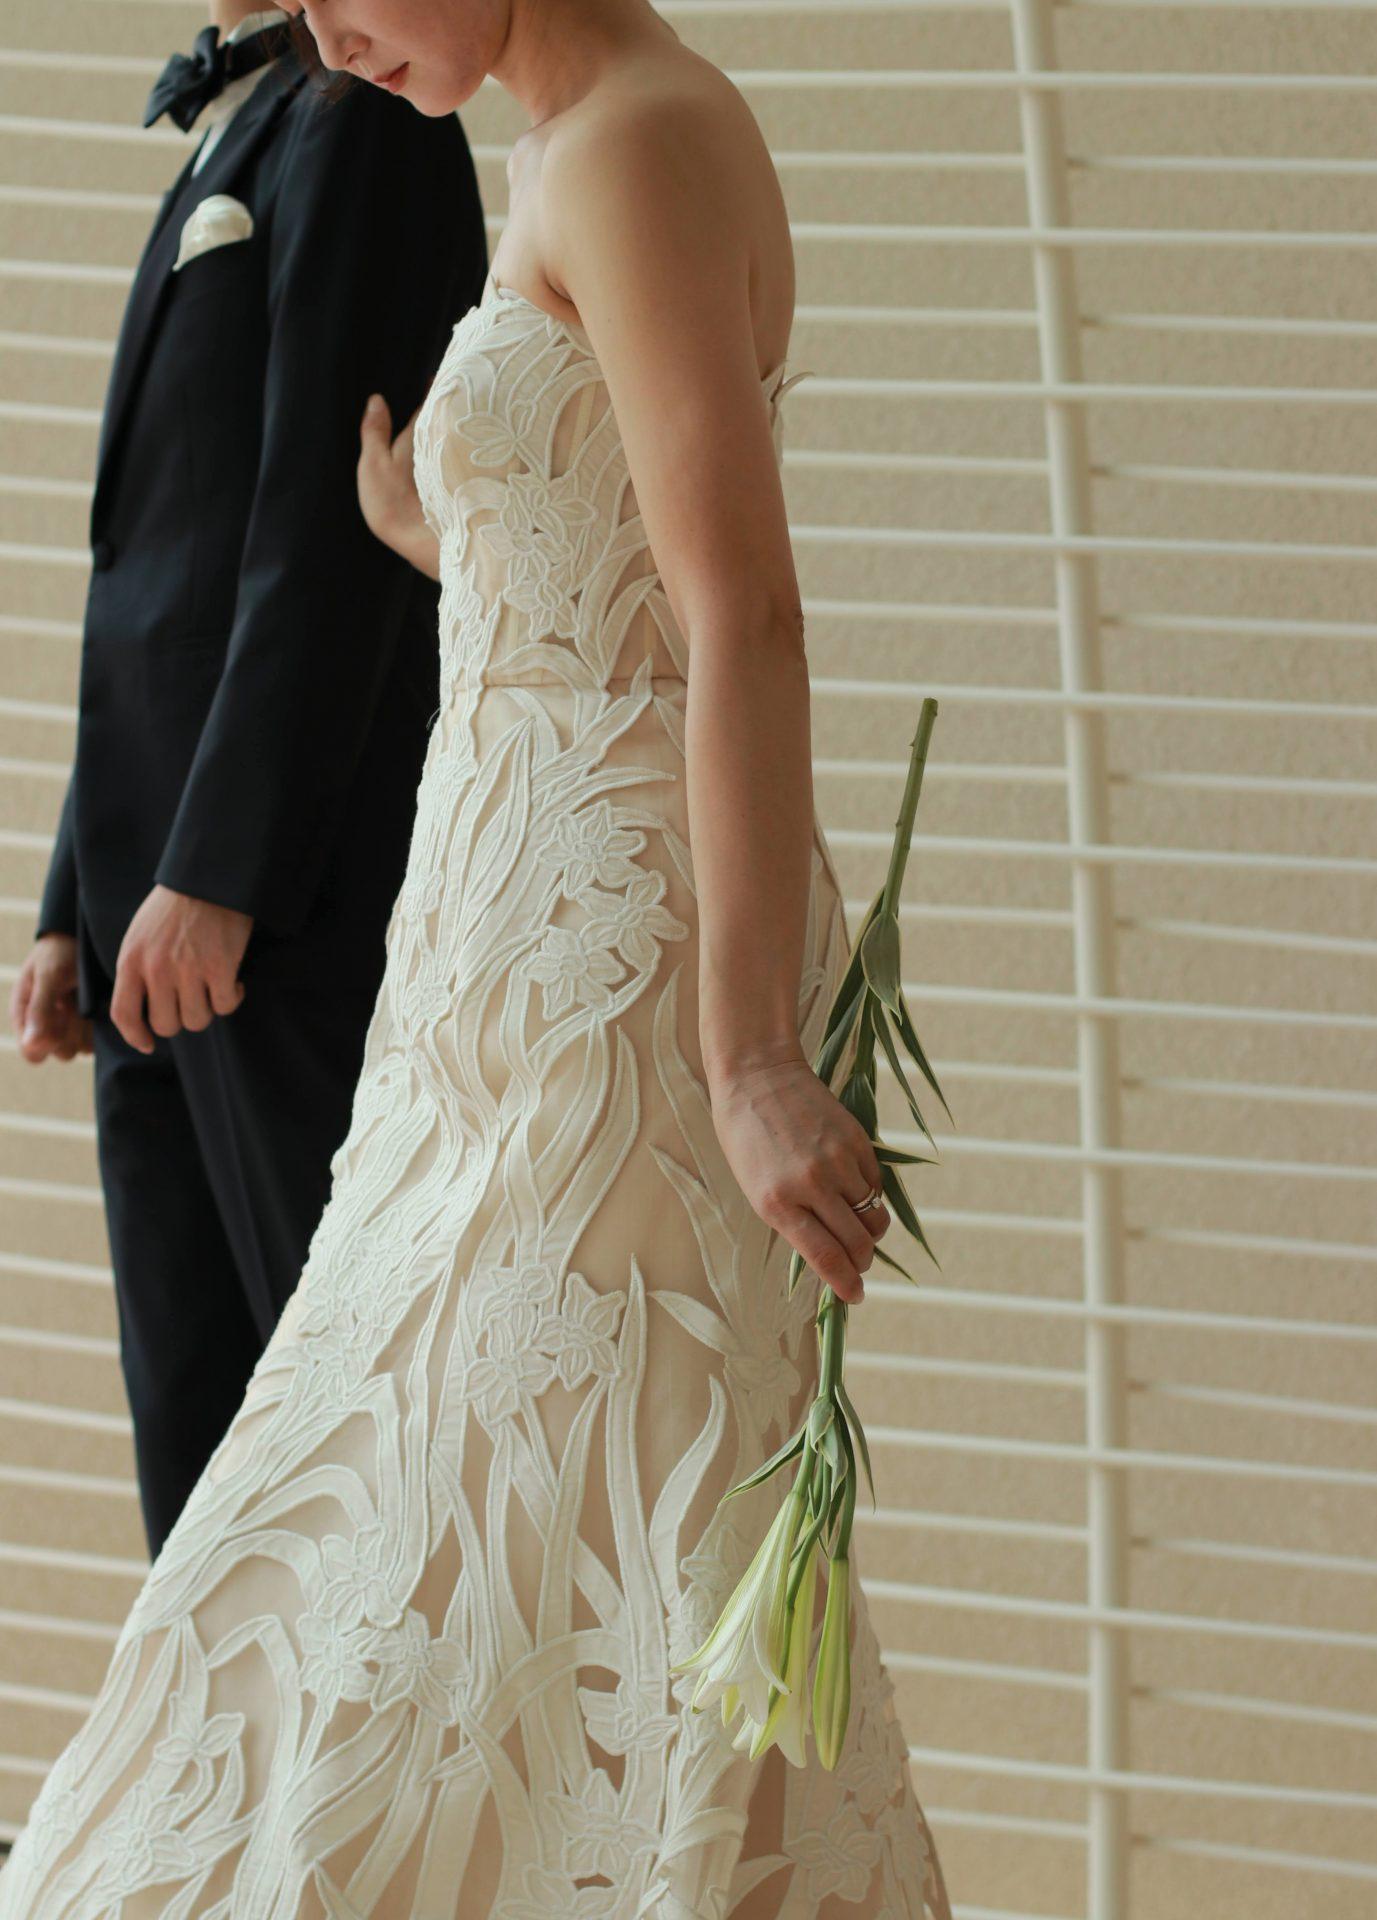 チャペルのバージンロードを歩く新郎新婦は、タキシードとウェディングドレスに身を包み、参列者に見守られながら誓いの場へと足を進めます